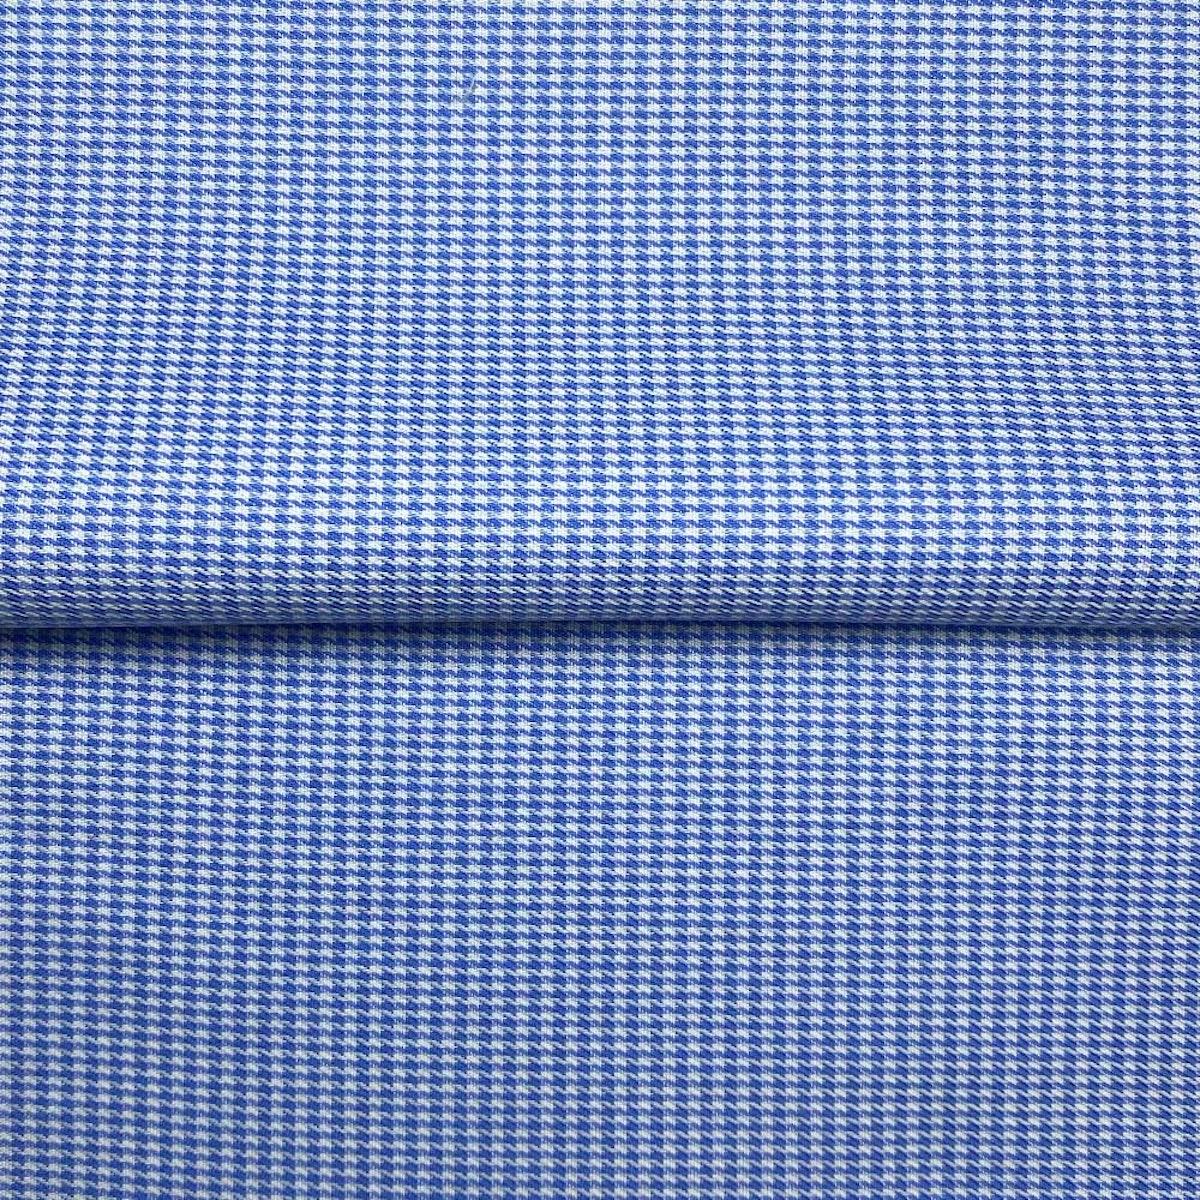 InStitchu Shirt Fabric 169